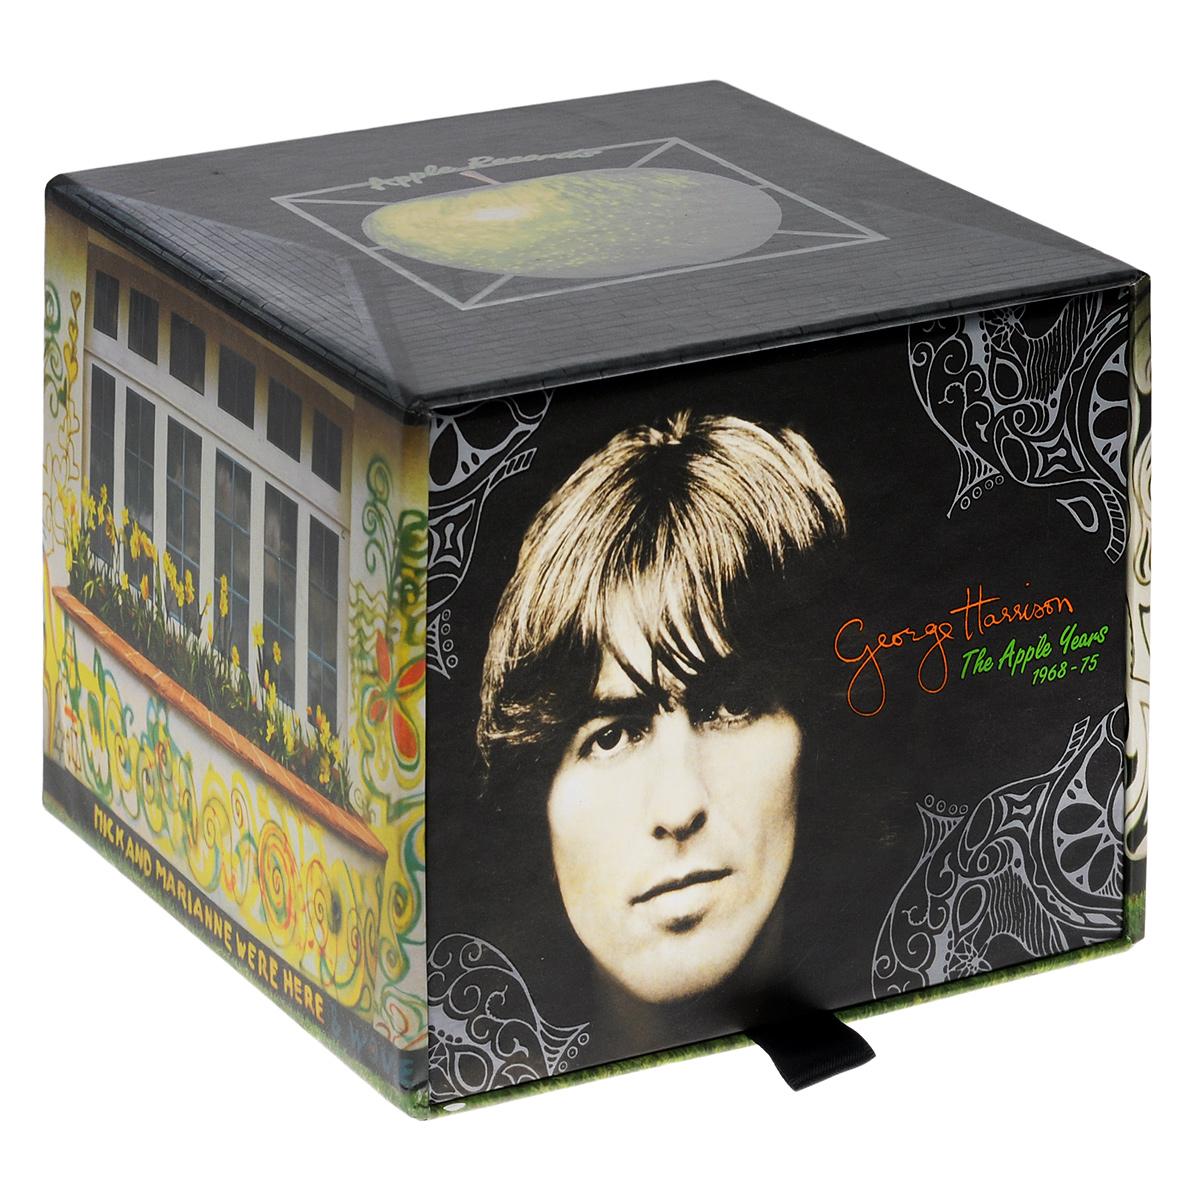 Джордж Харрисон George Harrison. The Apple Years (7 CD + DVD) george harrison george harrison dark horse